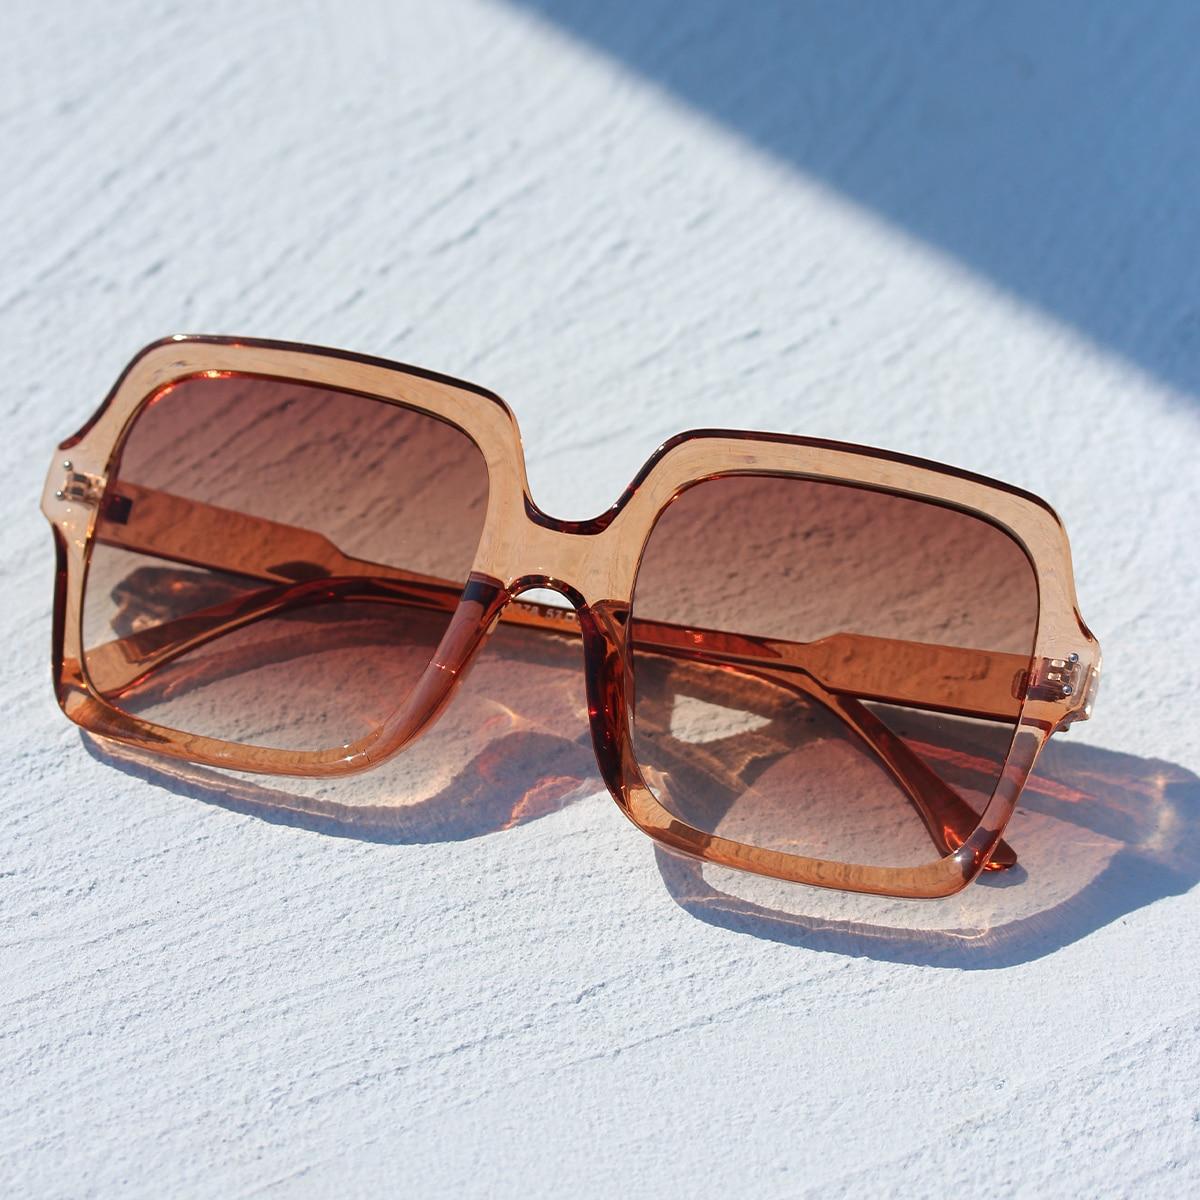 Квадратные солнечные очки в акриловой оправе фото